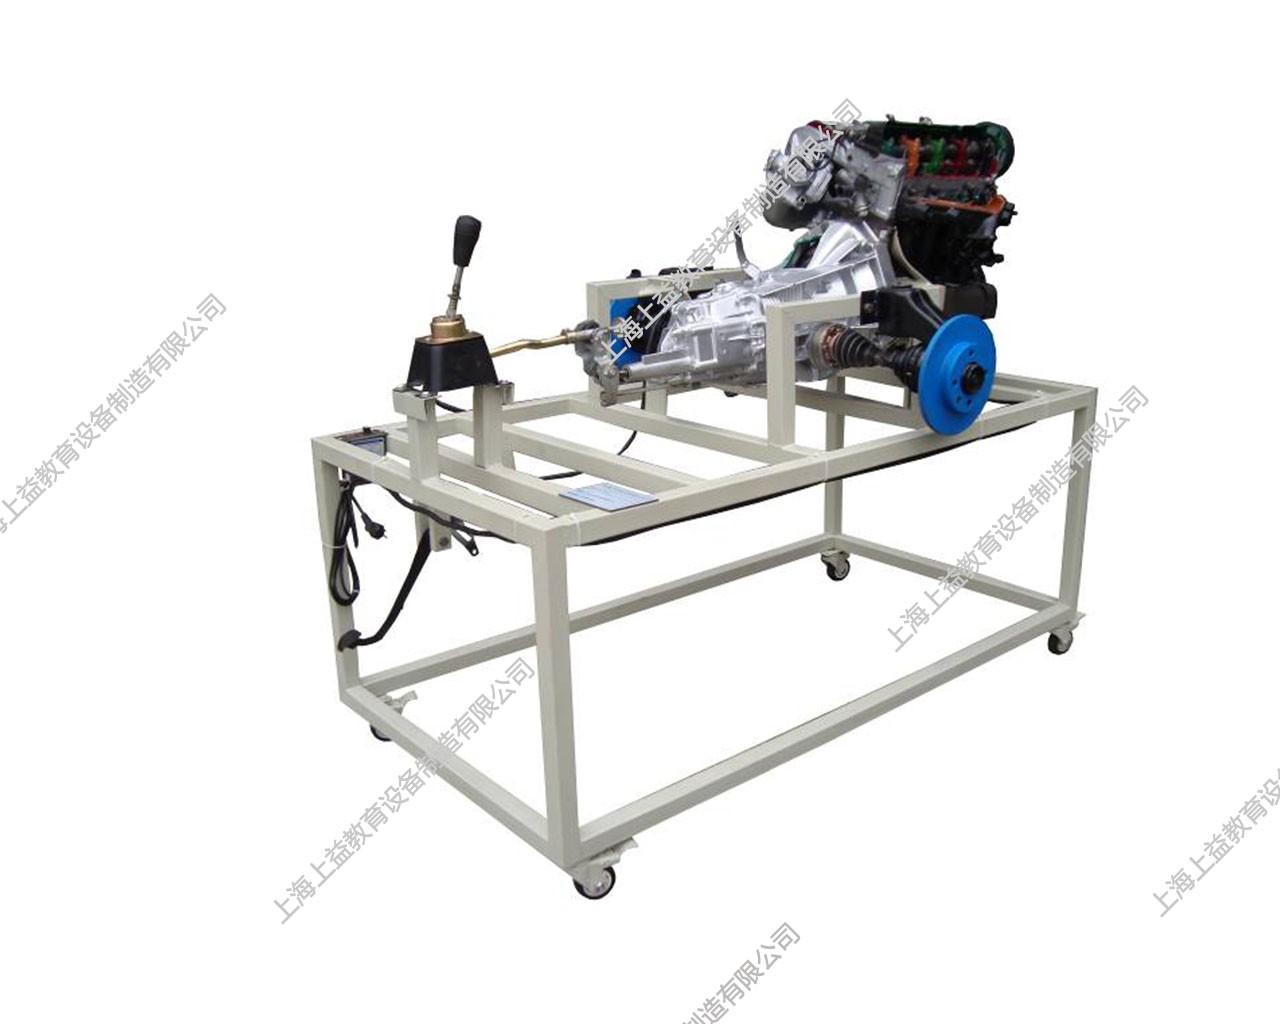 汽车动力驱动与传动系统演示解剖模型(大众STN3000)